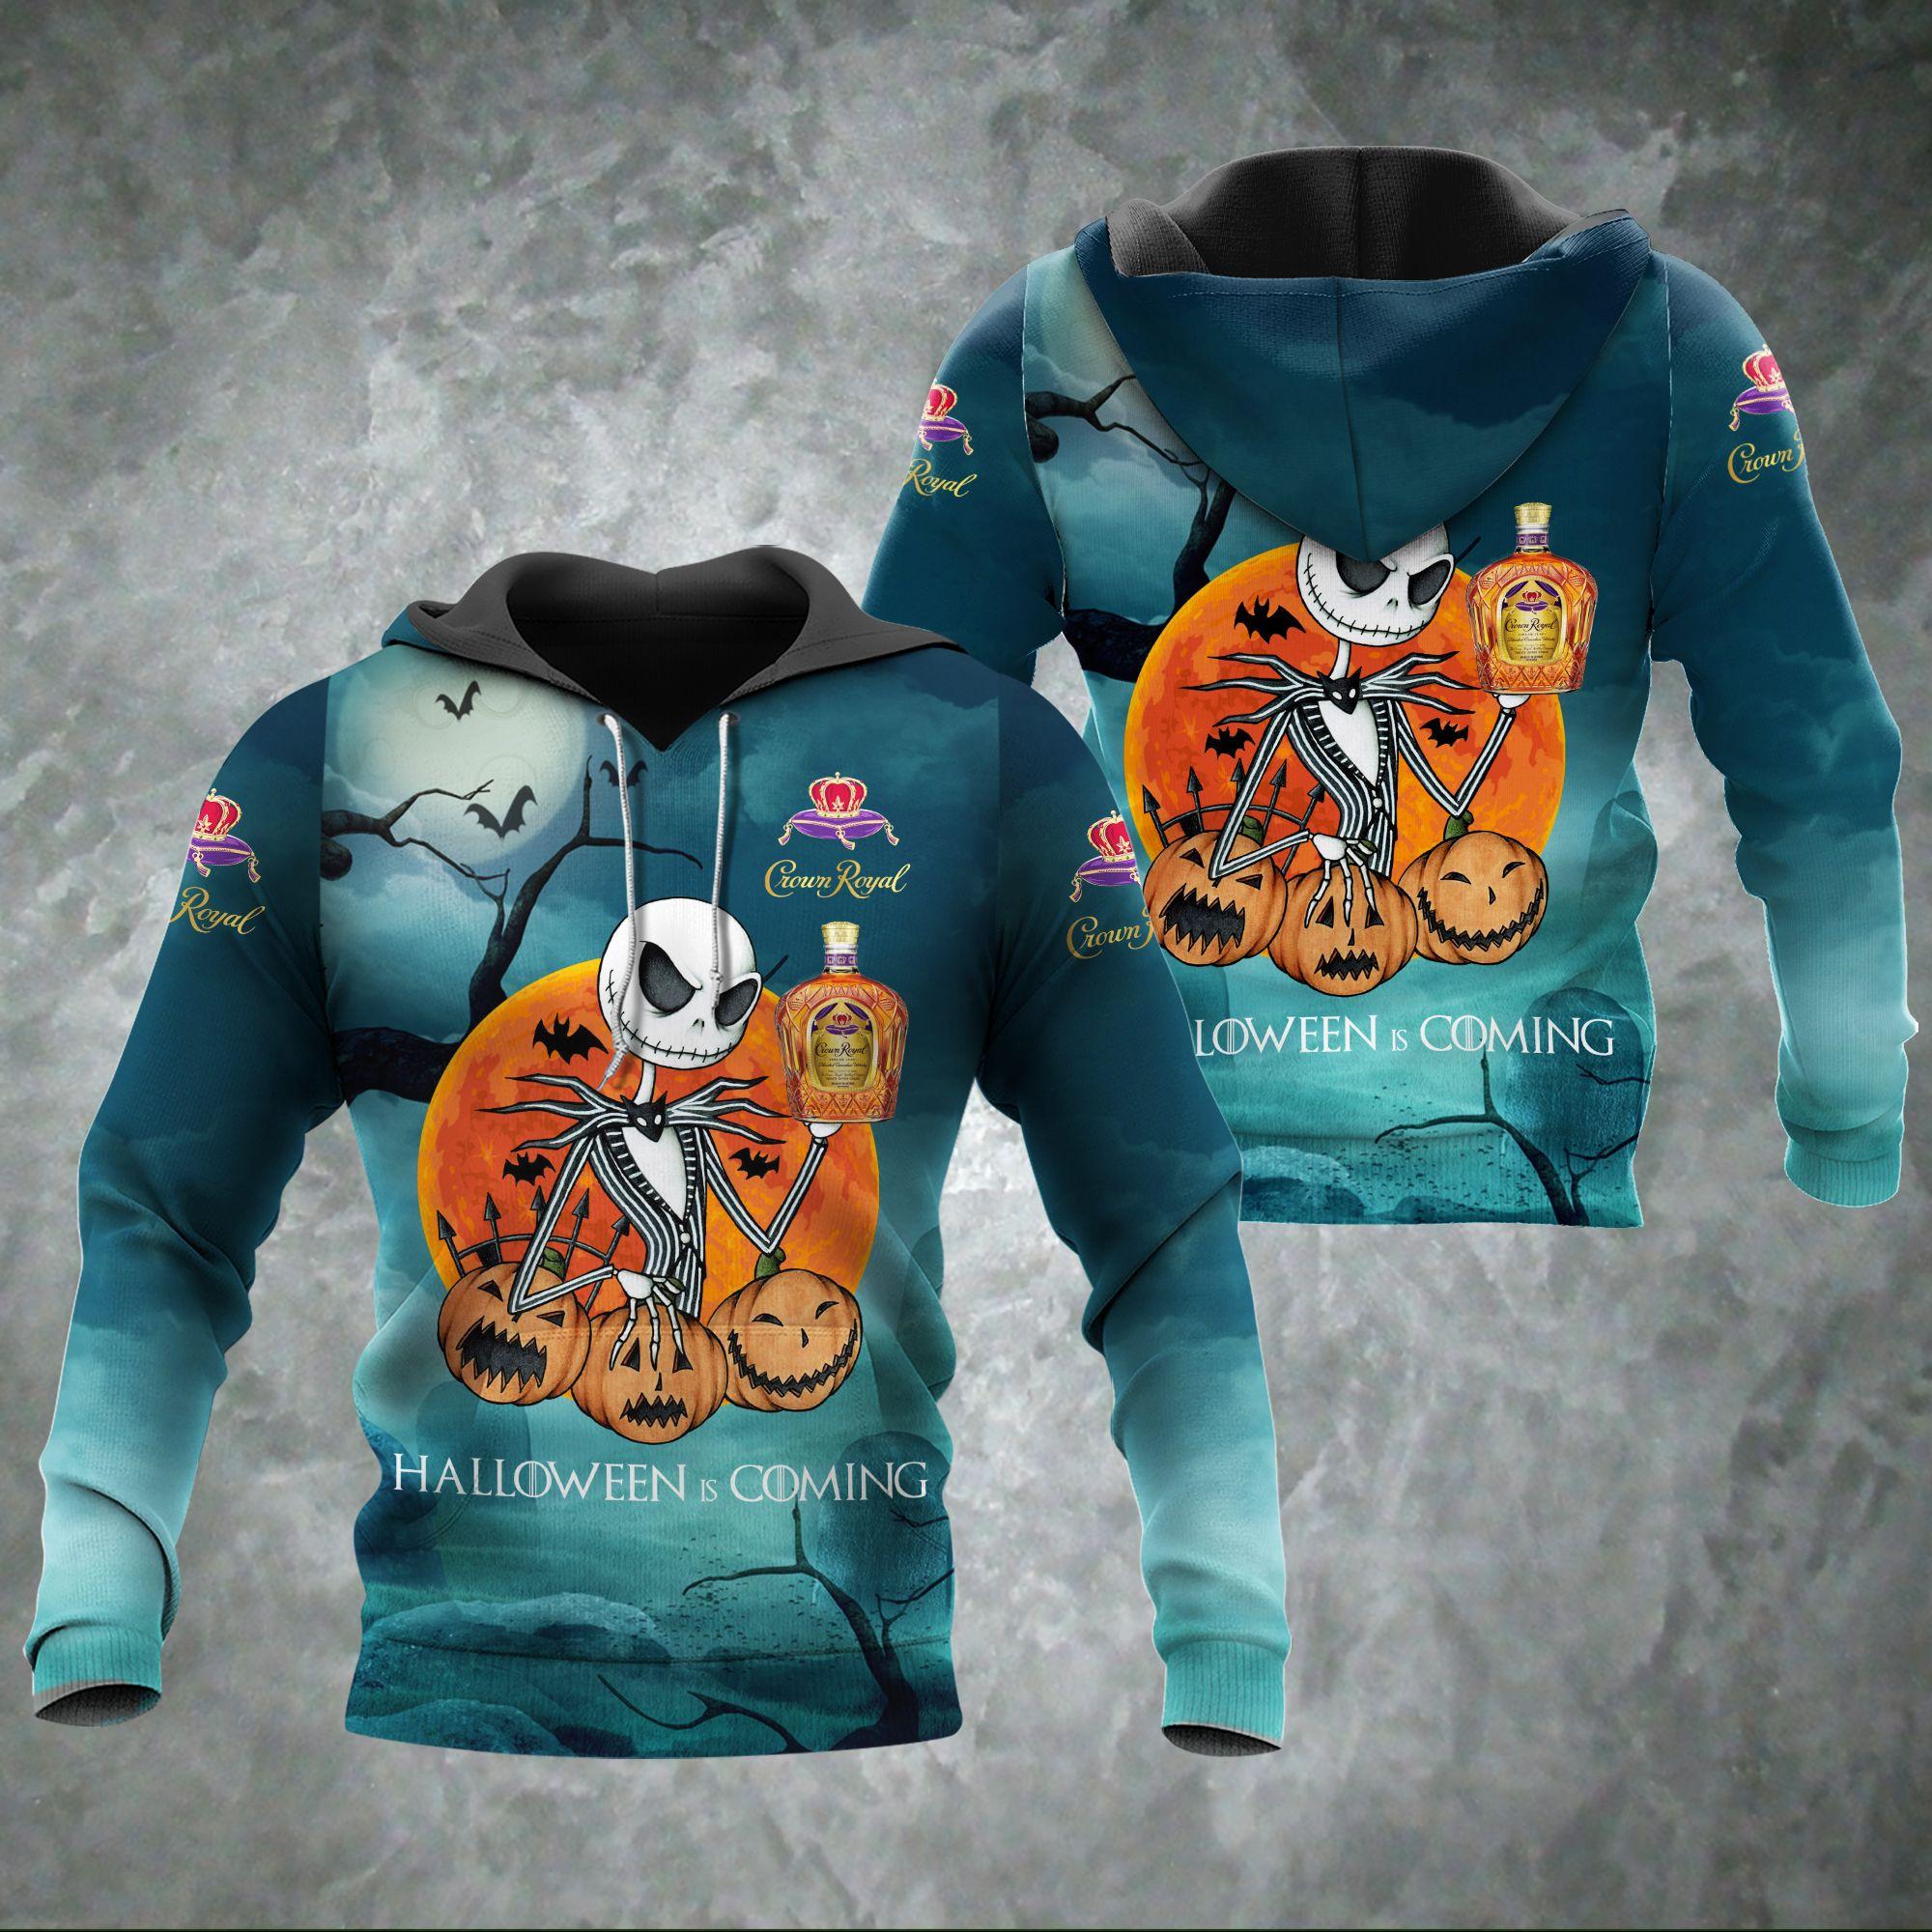 Halloween Coming Jack Skellington Crown Royal 3D hoodie